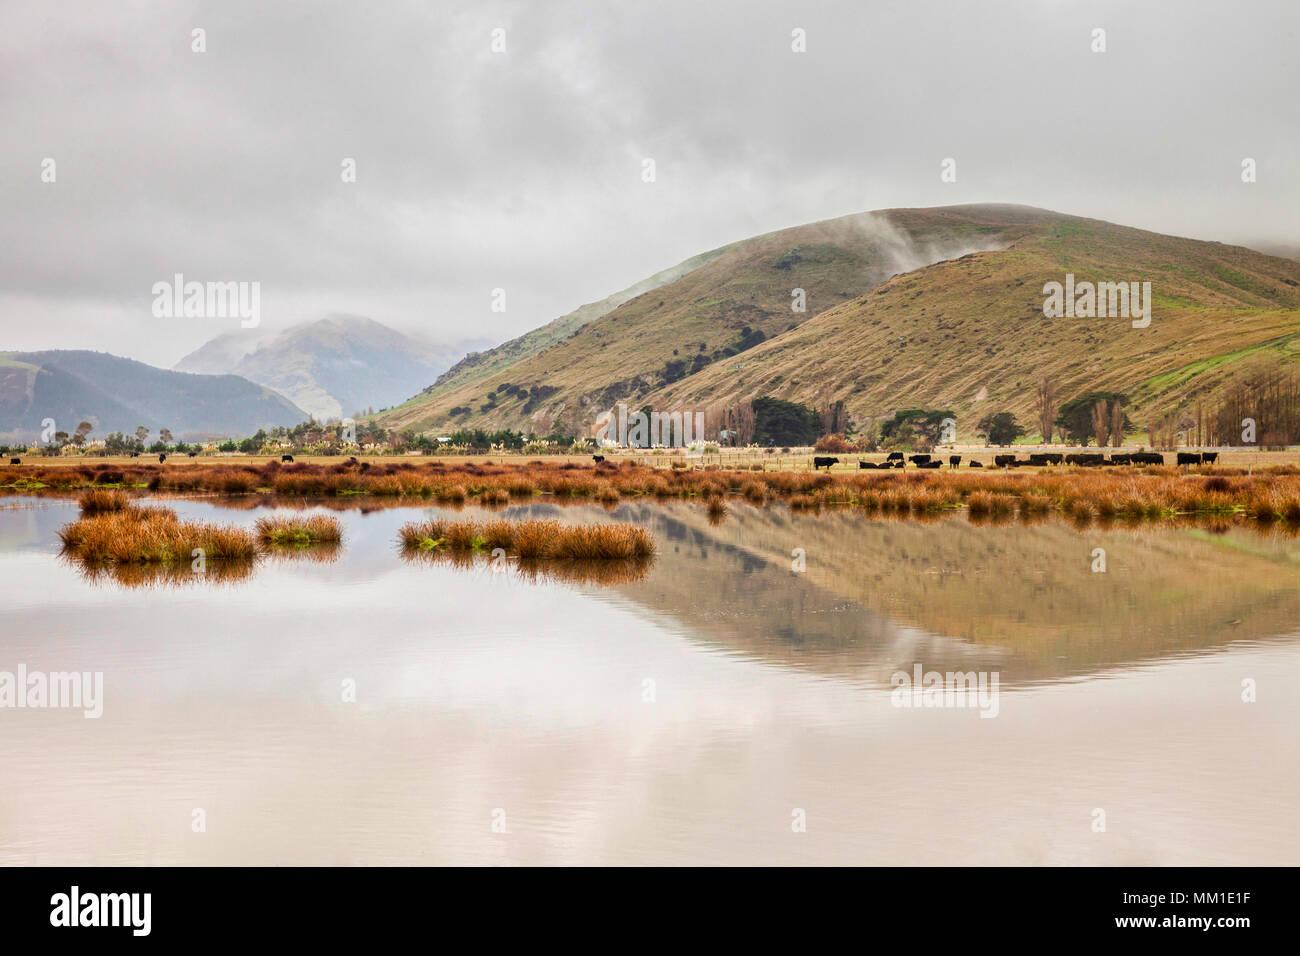 Ein nebeliger Morgen über die Farmen, Seen und Hügeln von Canterbury, Neuseeland. Stockbild